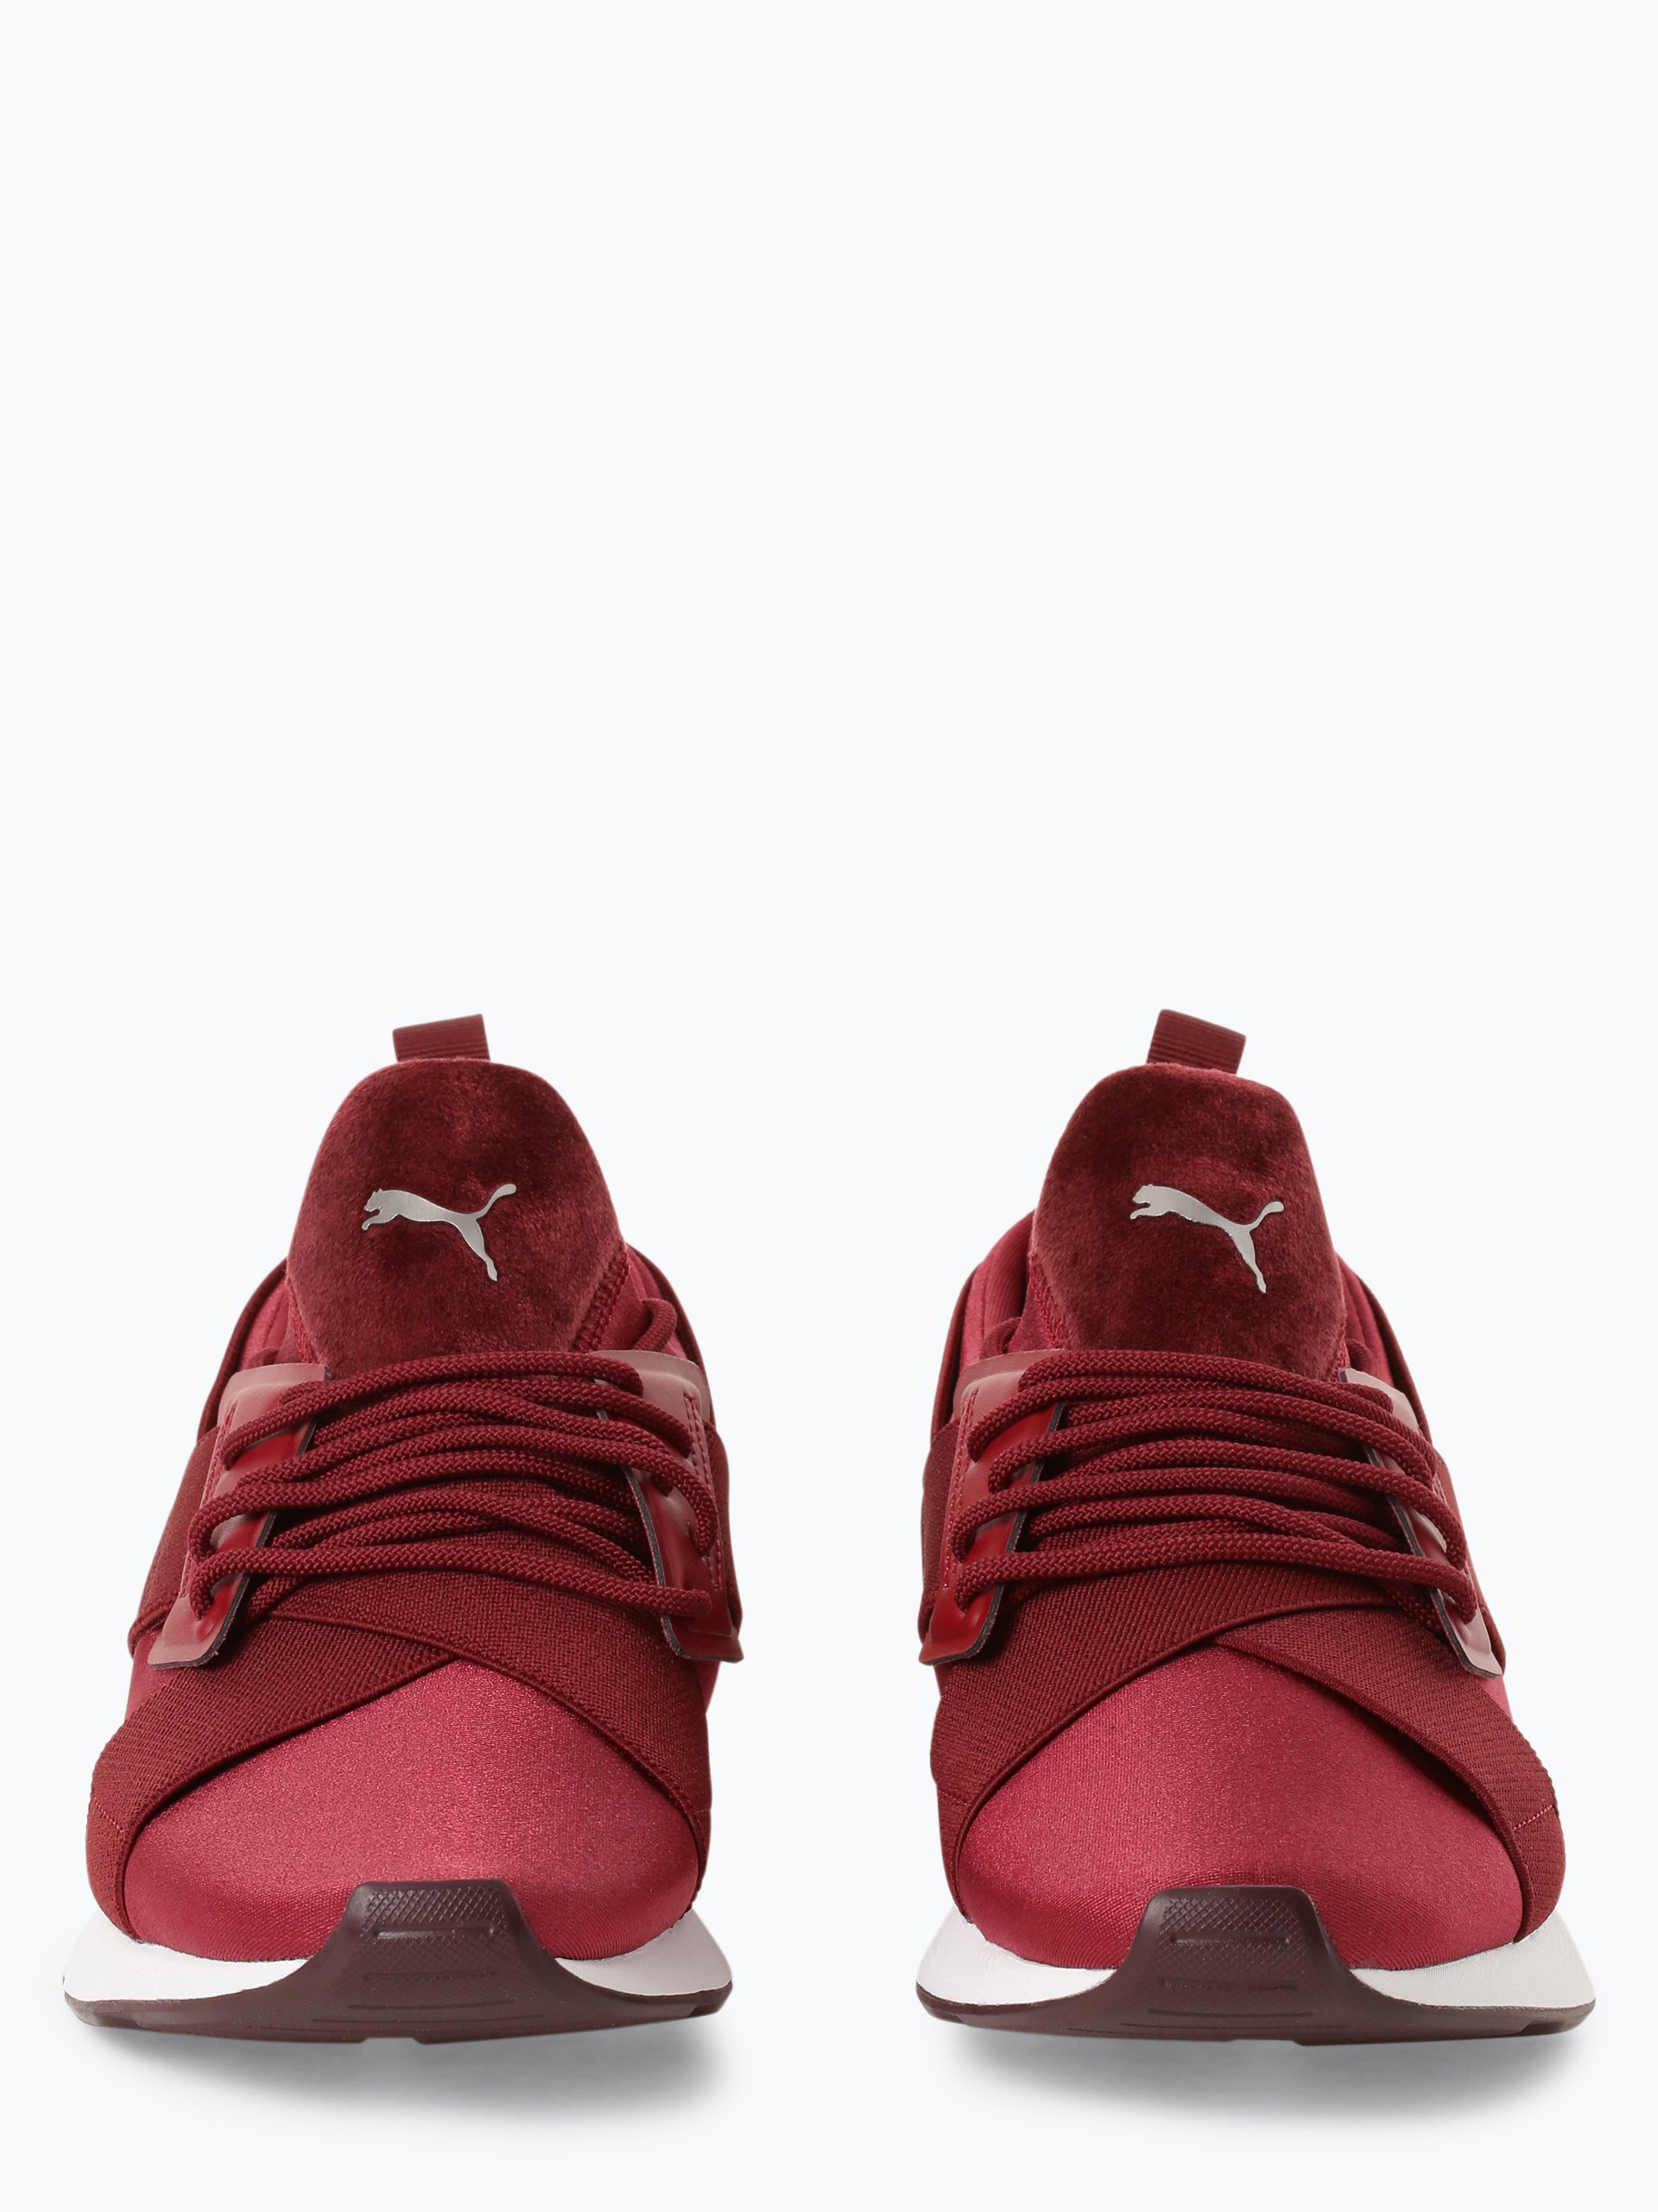 Puma Damen Sneaker Muse Satin II online kaufen   VANGRAAF.COM